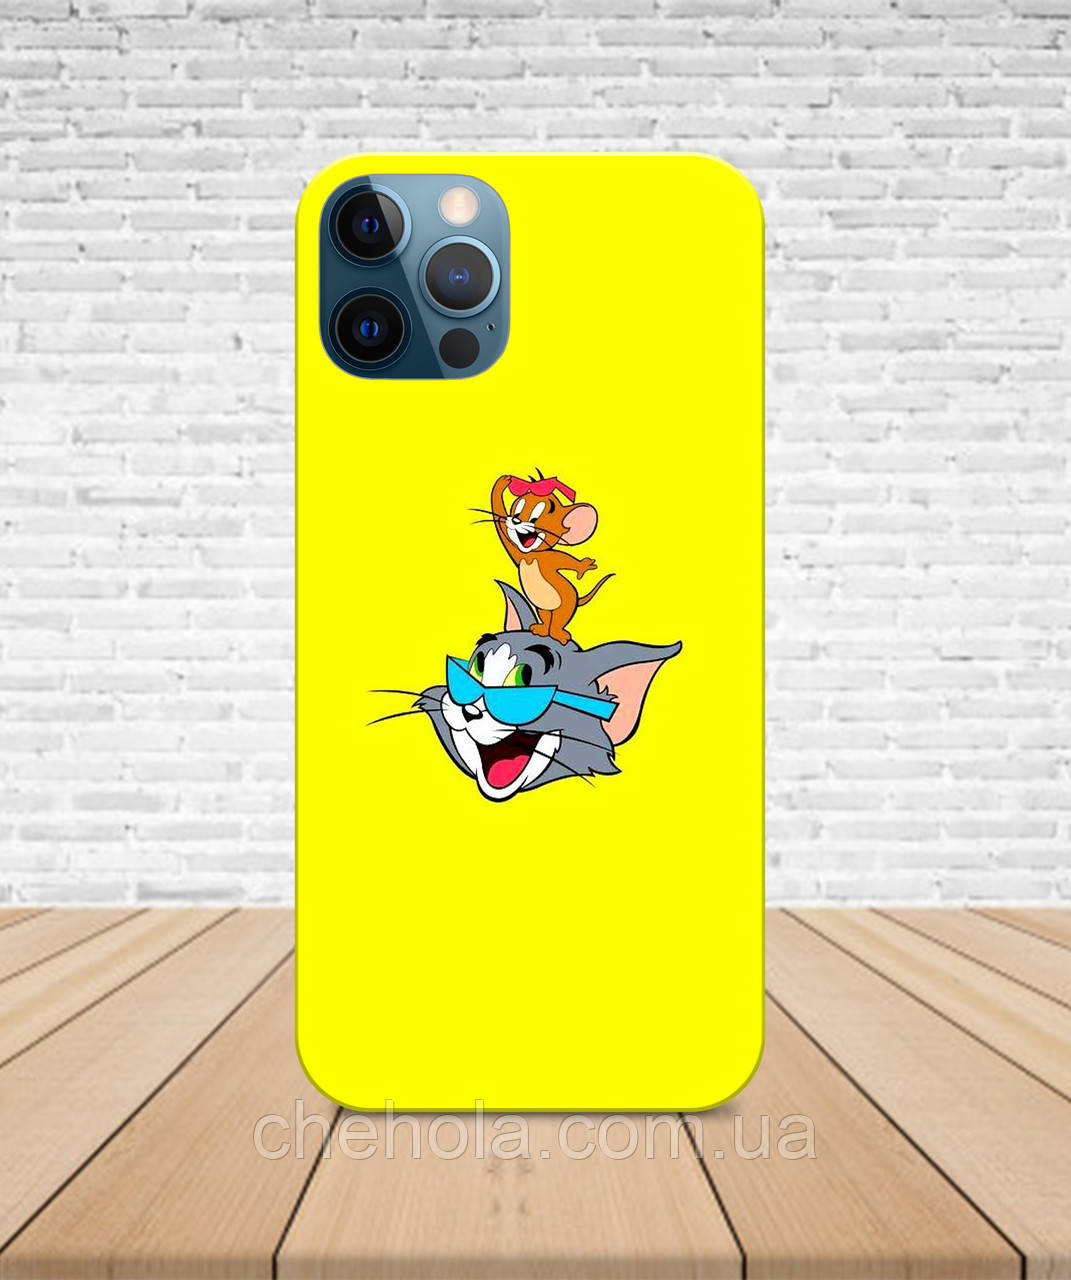 Матовый Чехол iPhone 12 Pro Max Mini Том и Джерри с принтом